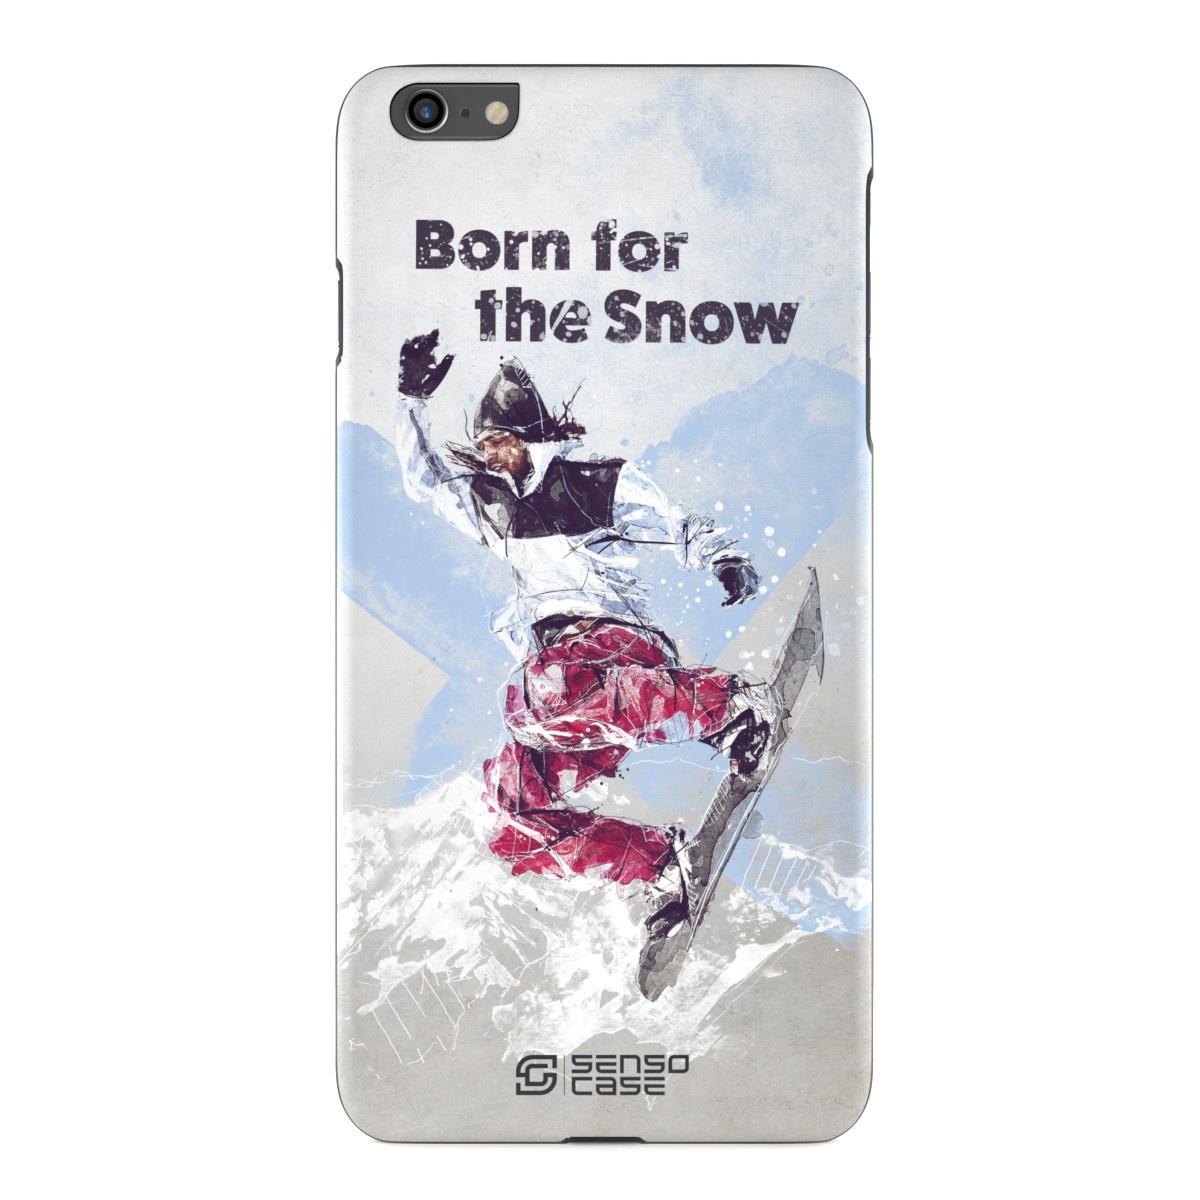 """Чехол для сотового телефона SensoCase iPhone 6/6s Plus """"Сноубординг"""", SC-IP6P-snowboarding2 + защитное стекло в подарок, 100132"""